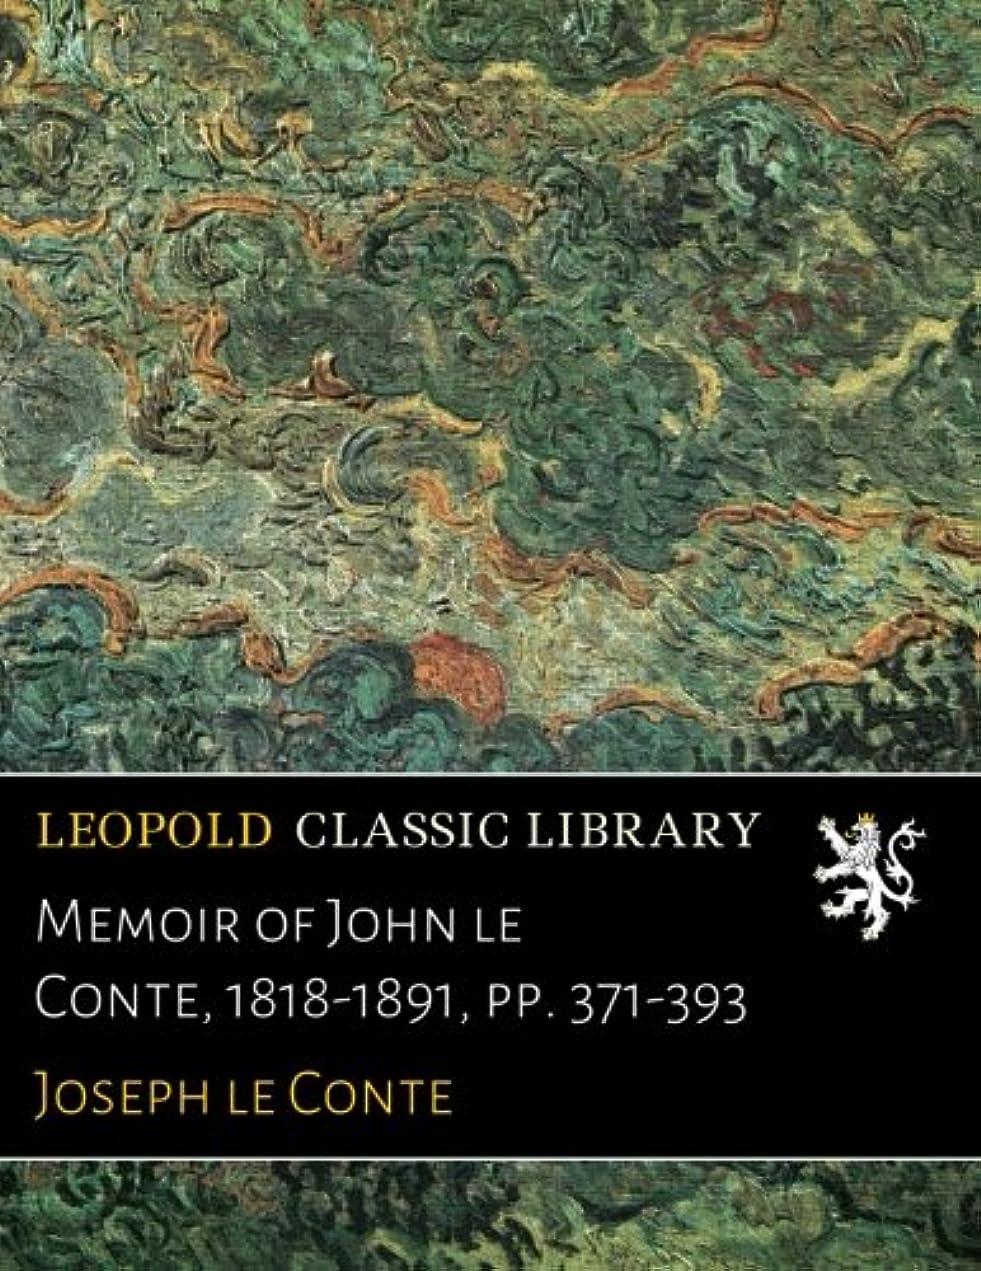 乞食発揮するターミナルMemoir of John le Conte, 1818-1891, pp. 371-393